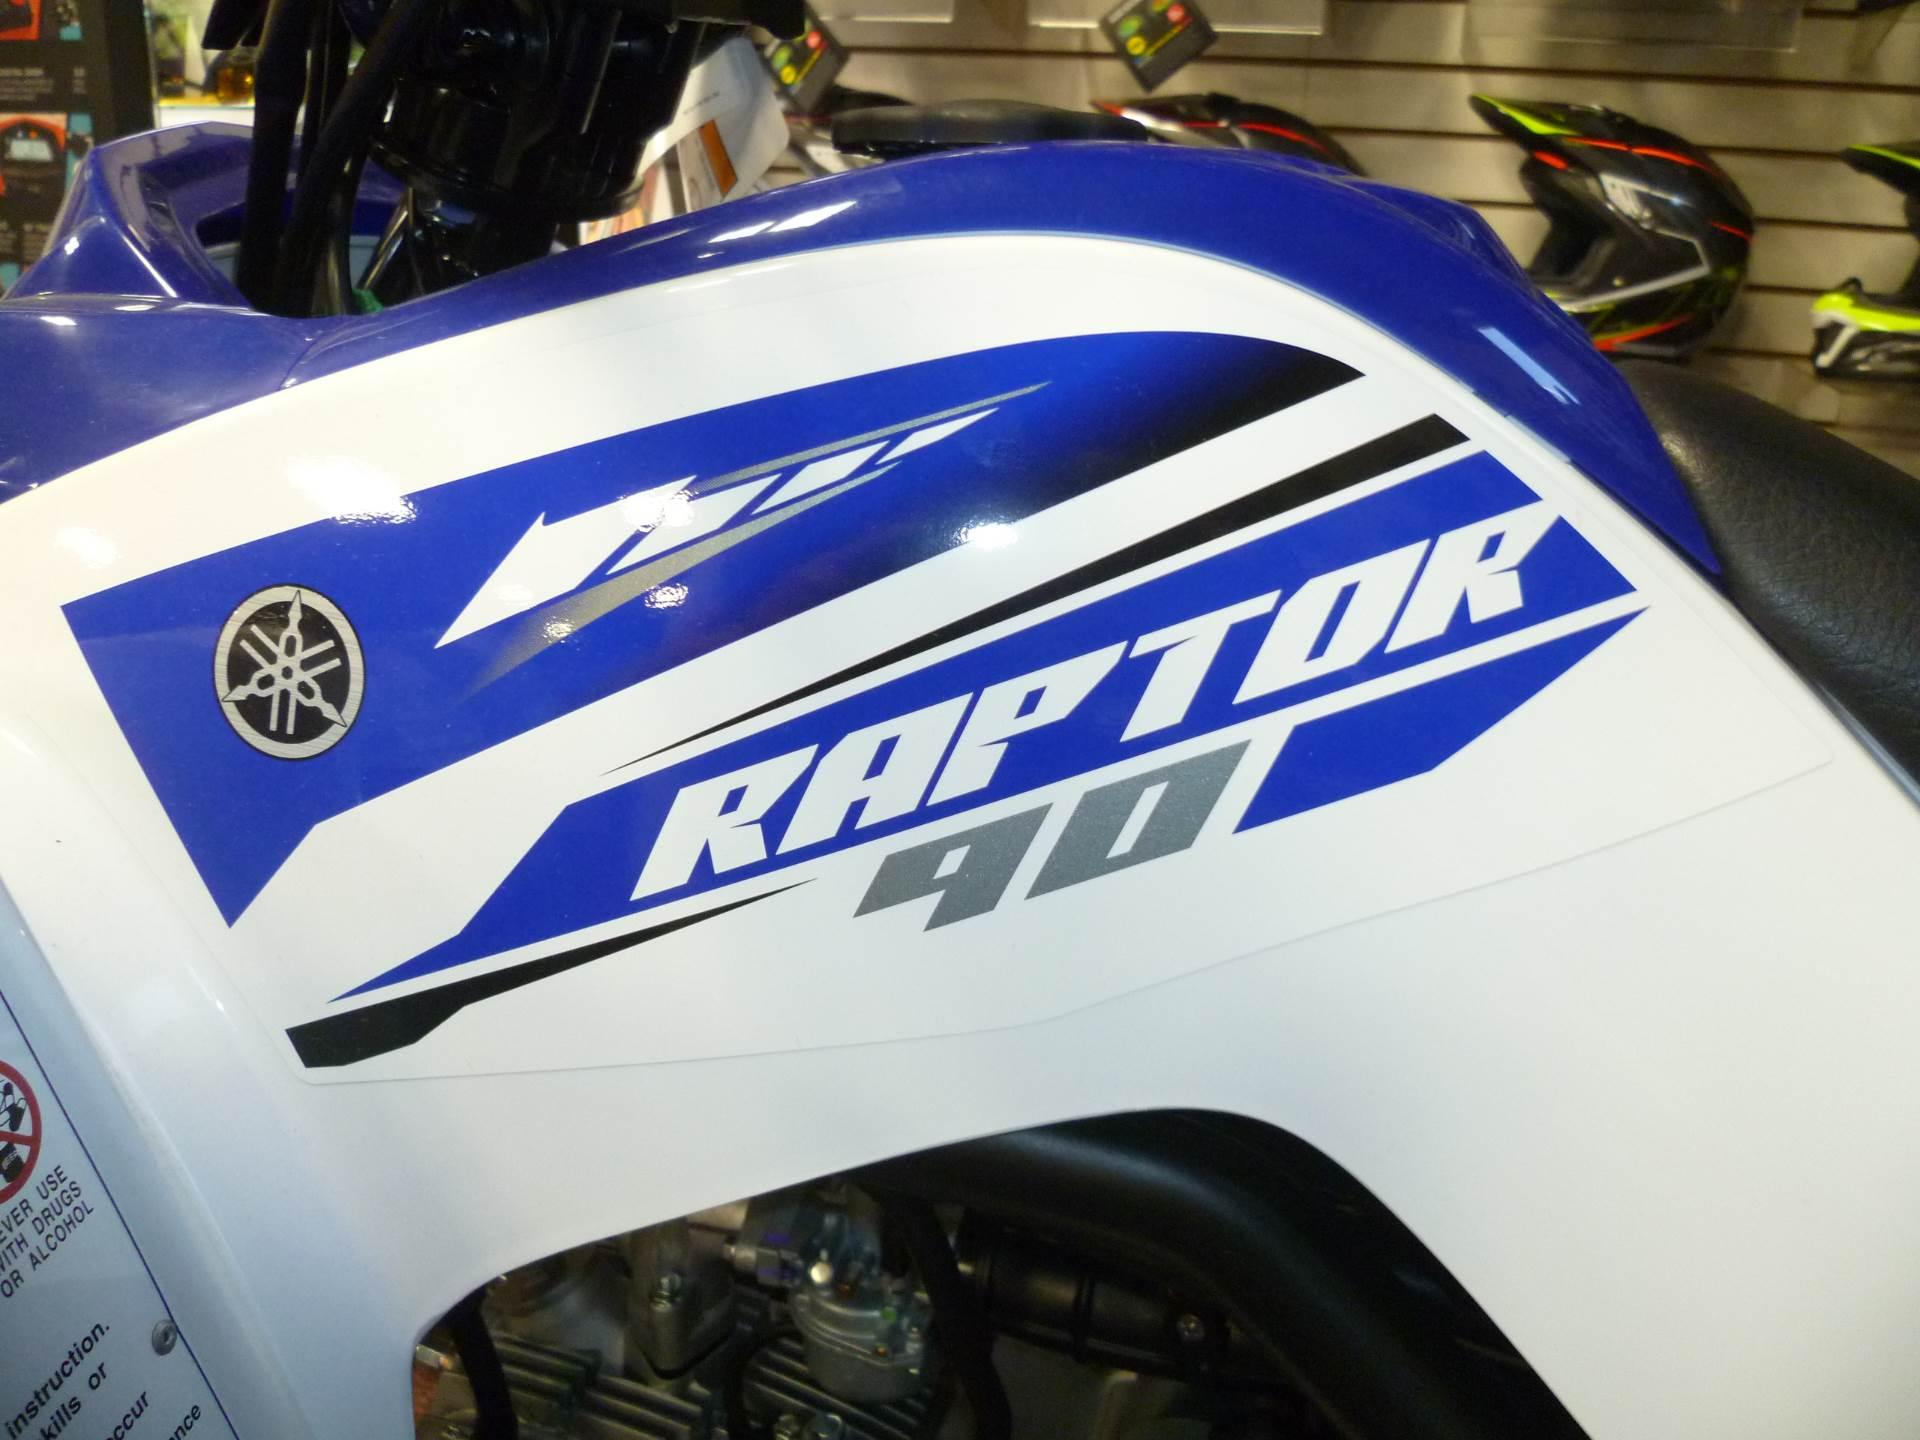 2017 Yamaha Raptor 90 4